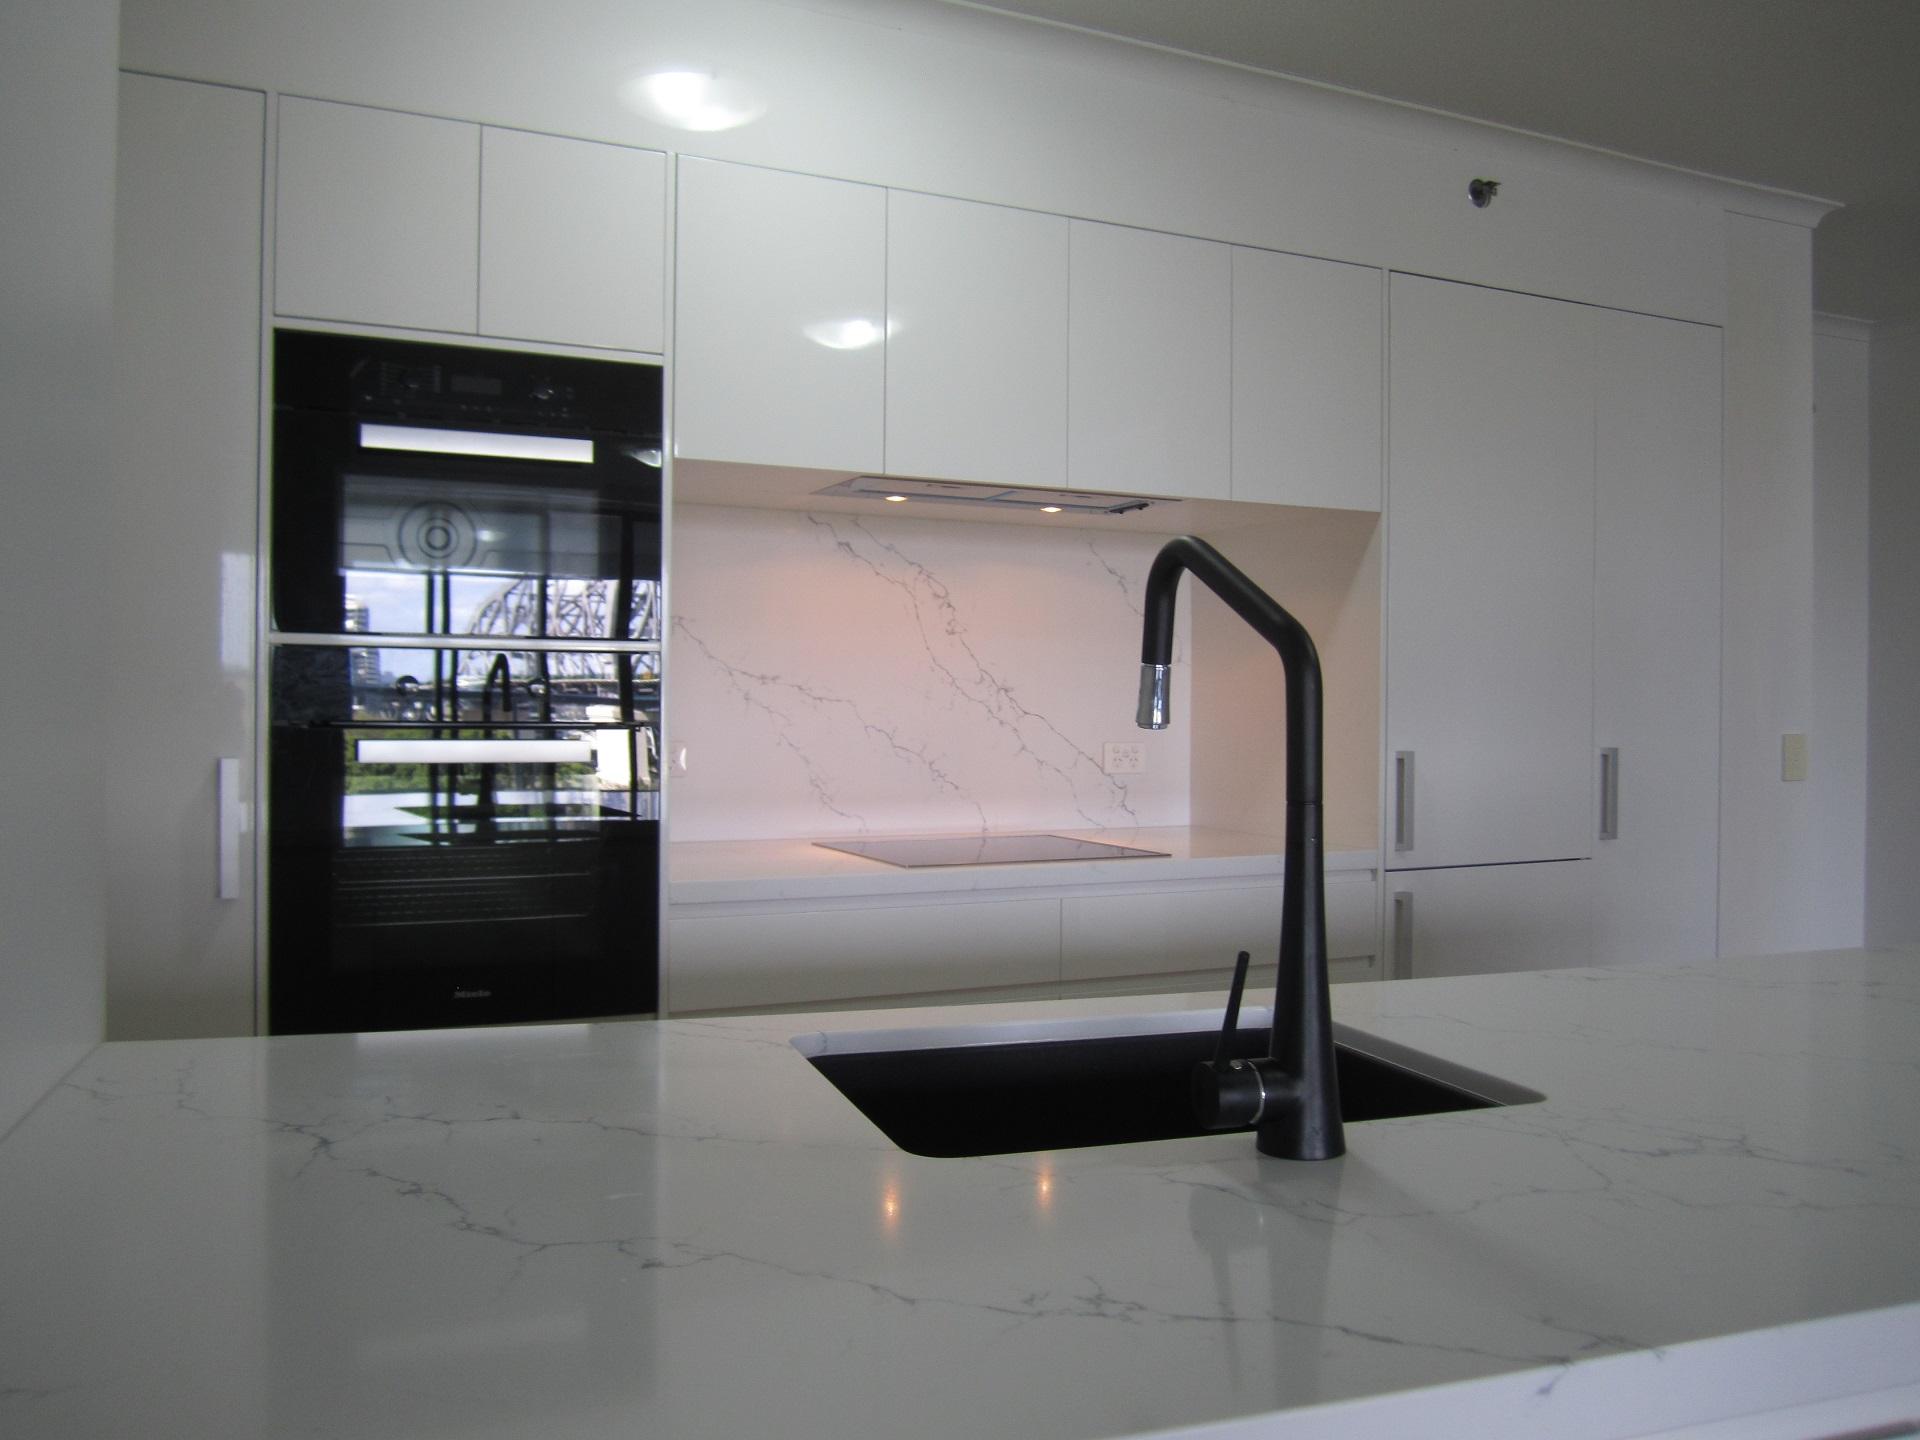 Brisbane Kitchen Design Brisbane City Contemporary Kitchen Renovation Undermount Granite Sink